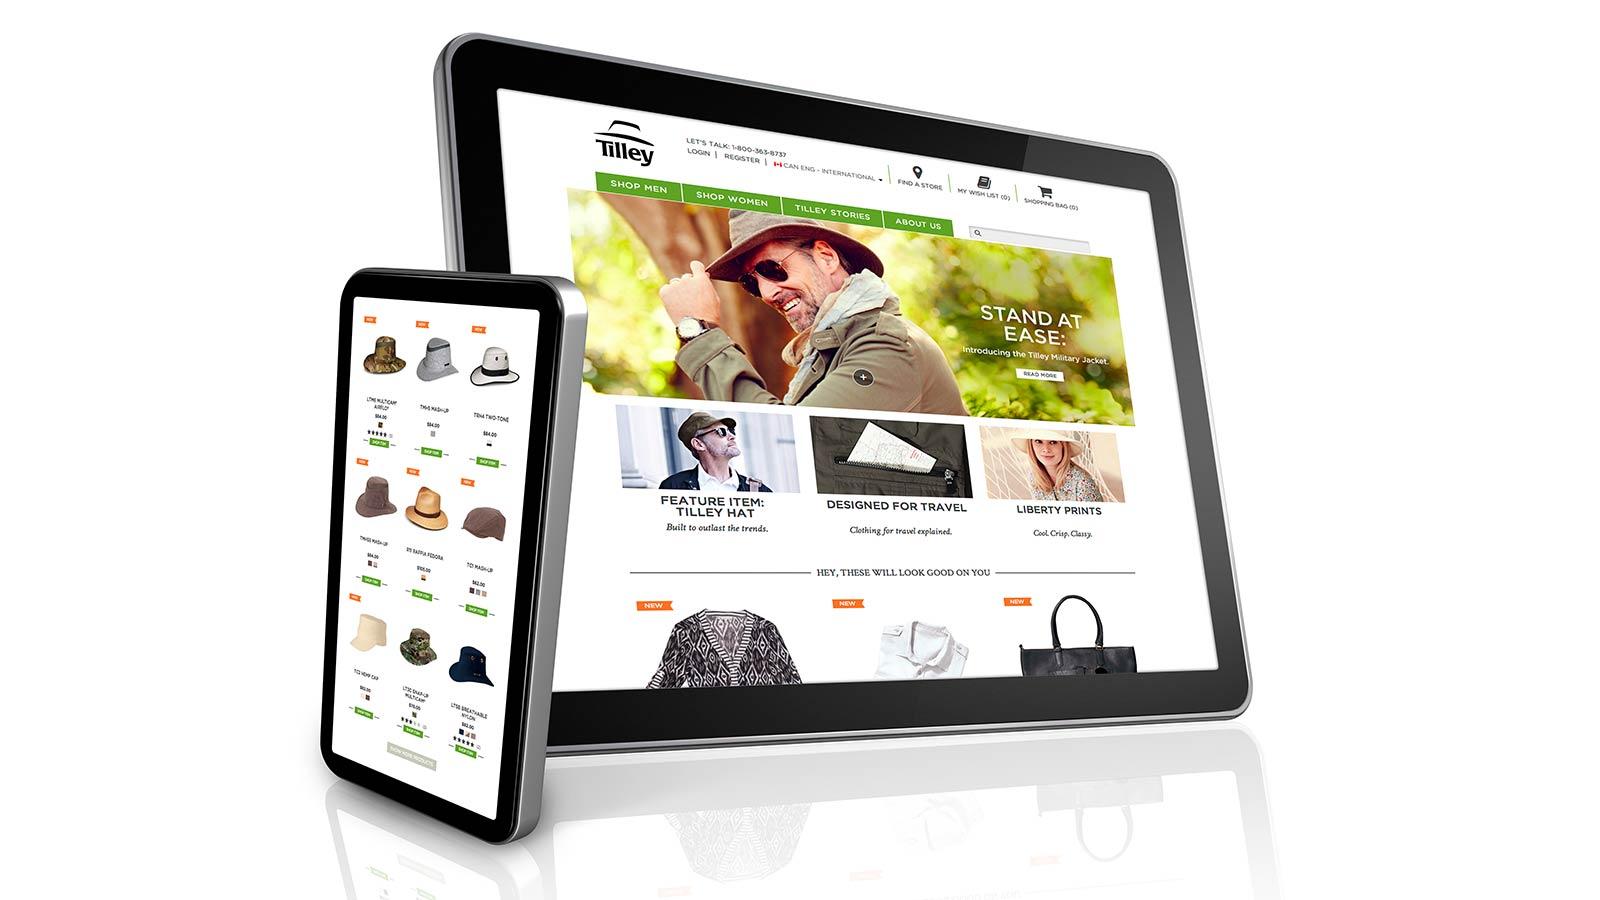 Tilley Endurables   Refonte de l'image de marque   Commerce électronique, Conception de sites web, Développement de site web, Image de marque, Innovation digitale, Marketing local, Marketing numérique, Médias sociaux, Mobile, Production vidéo, Publicité, Stratégie de marque